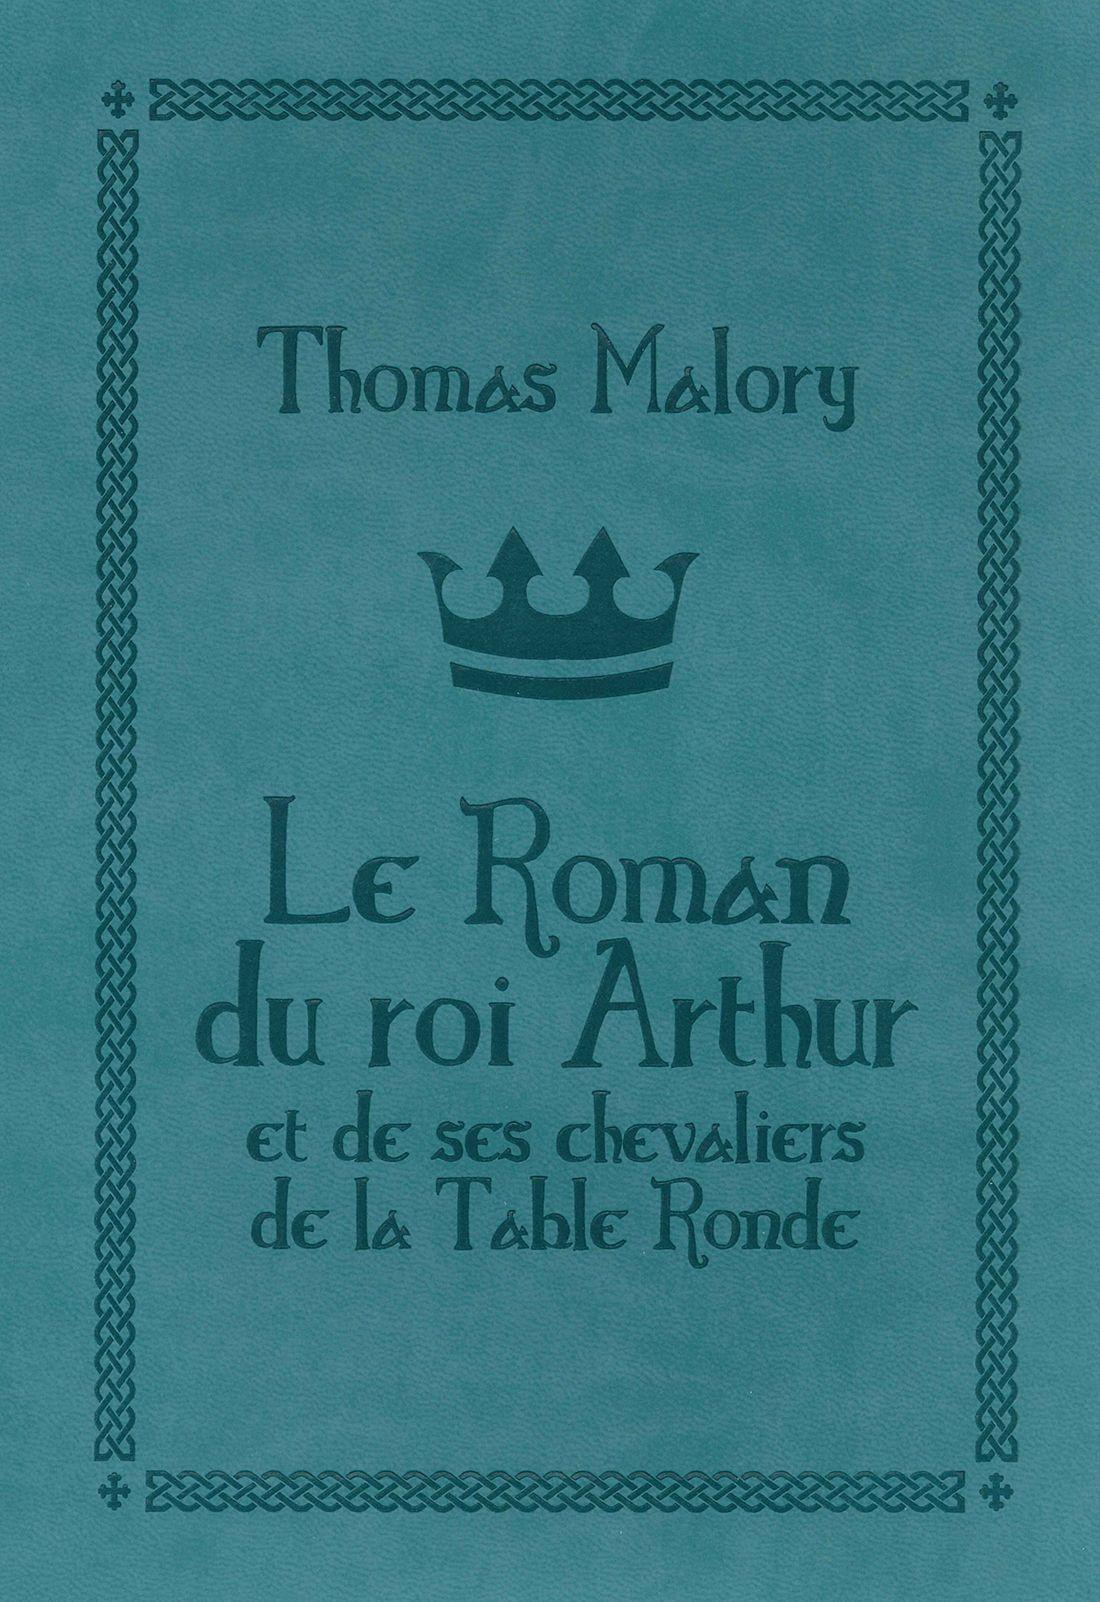 Le roman du roi arthur et de ses chevaliers de la table ronde - Les 12 principaux chevaliers de la table ronde ...